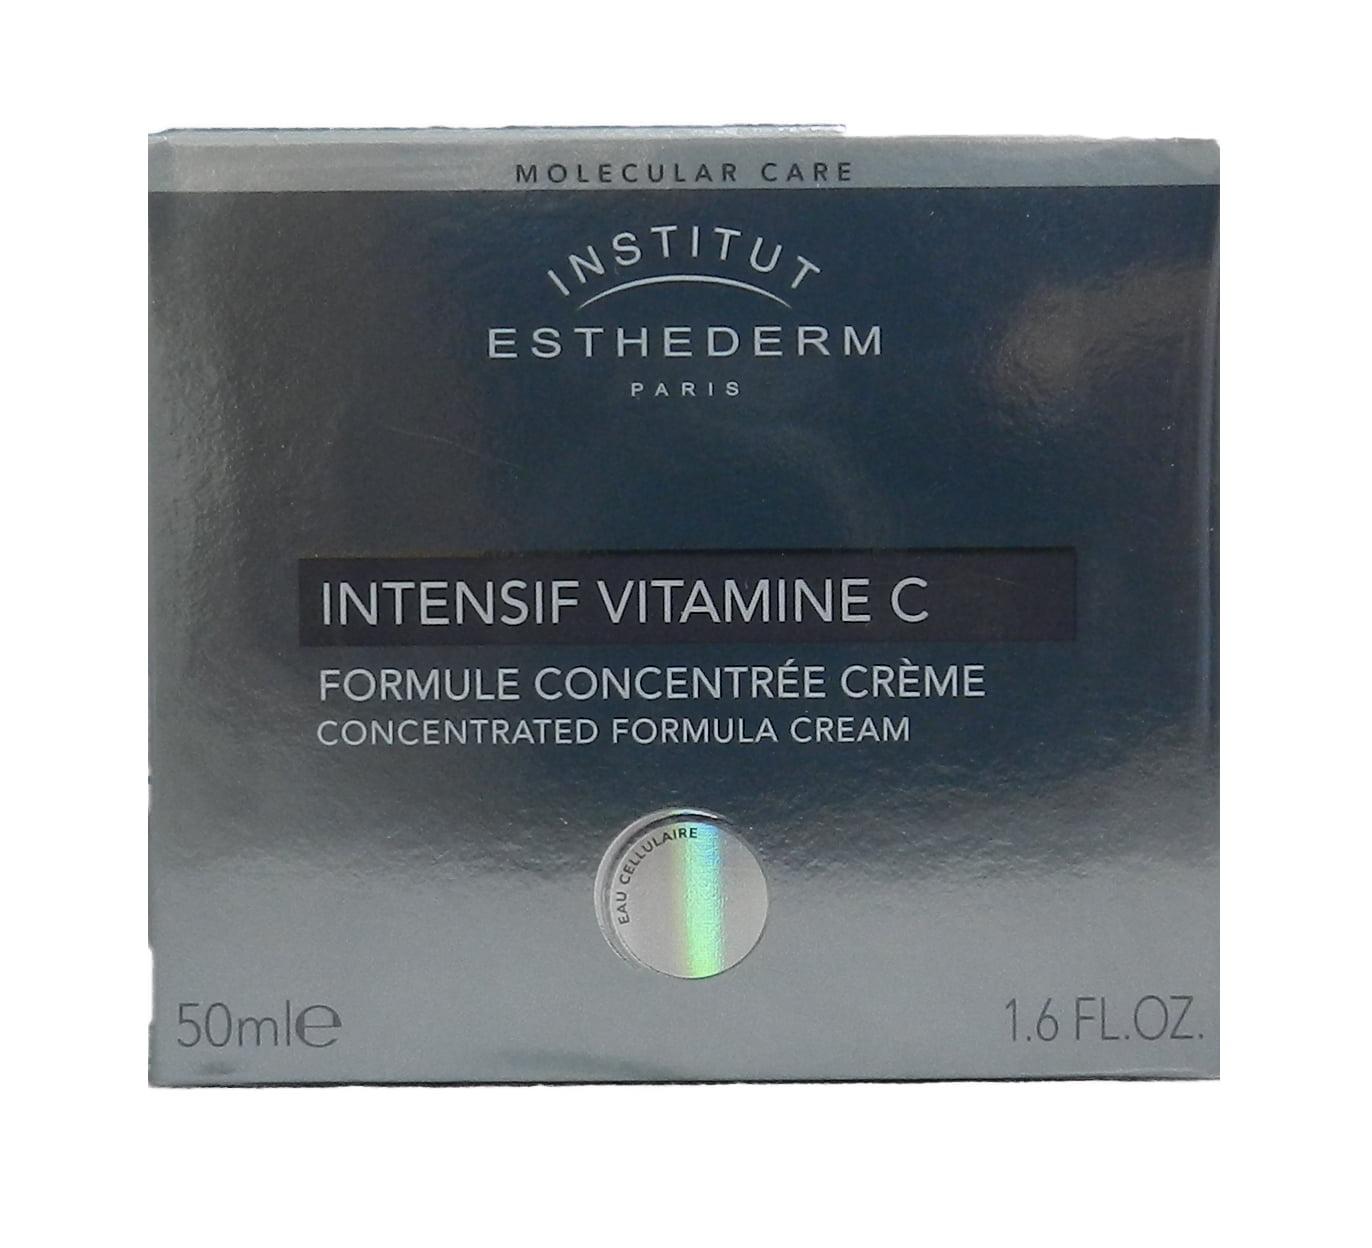 Intensif Vitamine C Concentrated Formula Cream 1.6oz